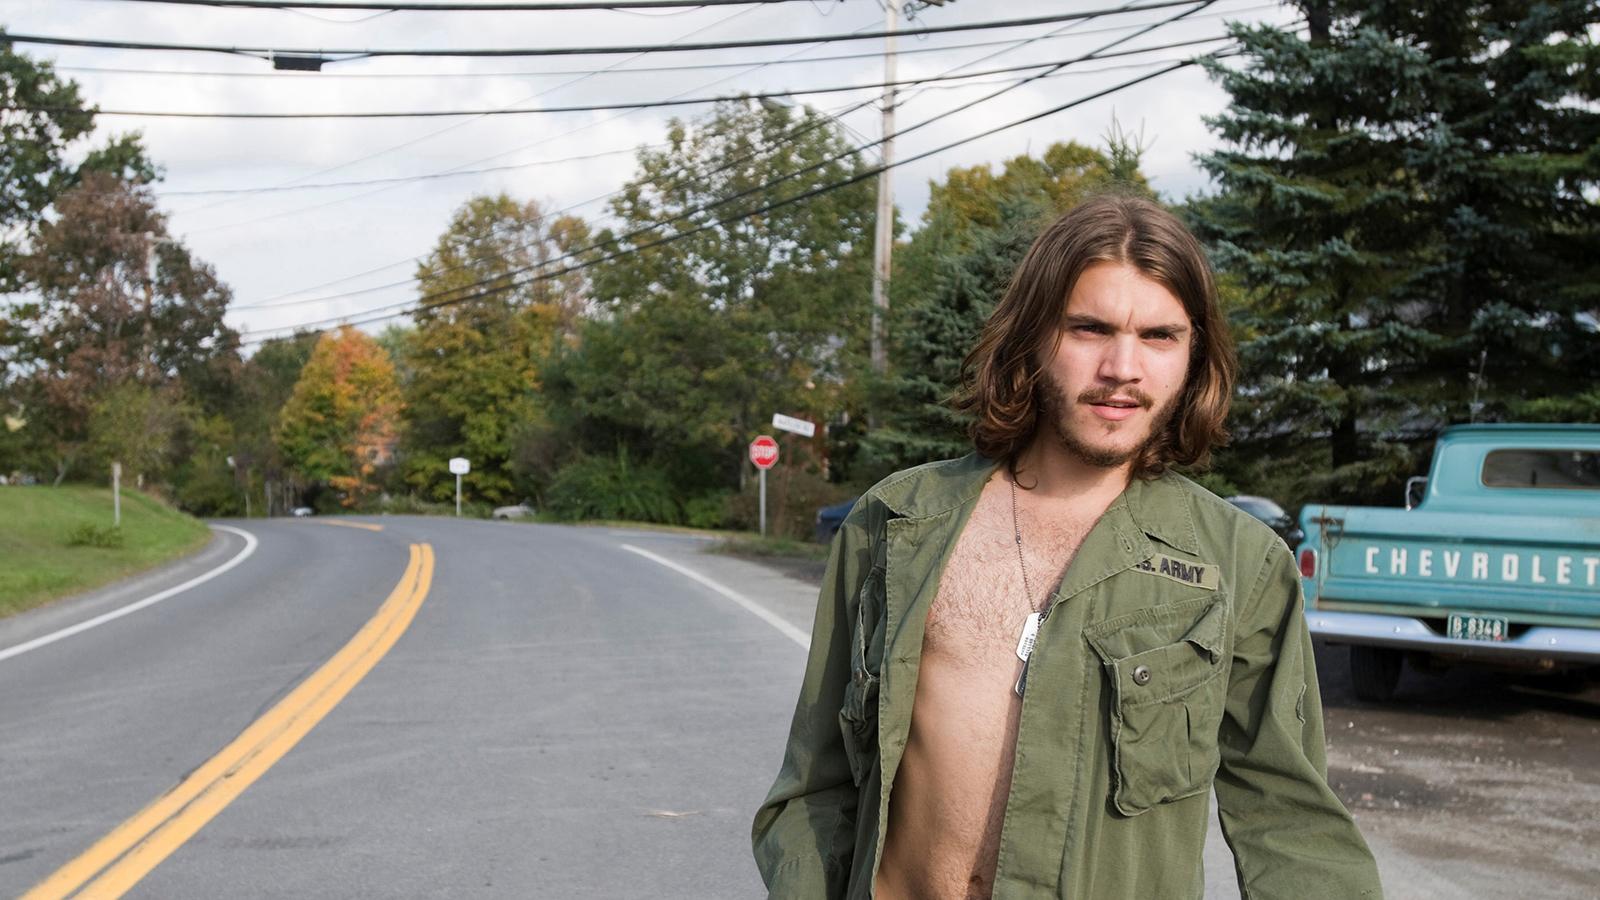 """[Outdoor Film Screening: Taking Woodstock] """"Taking Woodstock,"""" 2009, ©Focus Features/Photofest"""